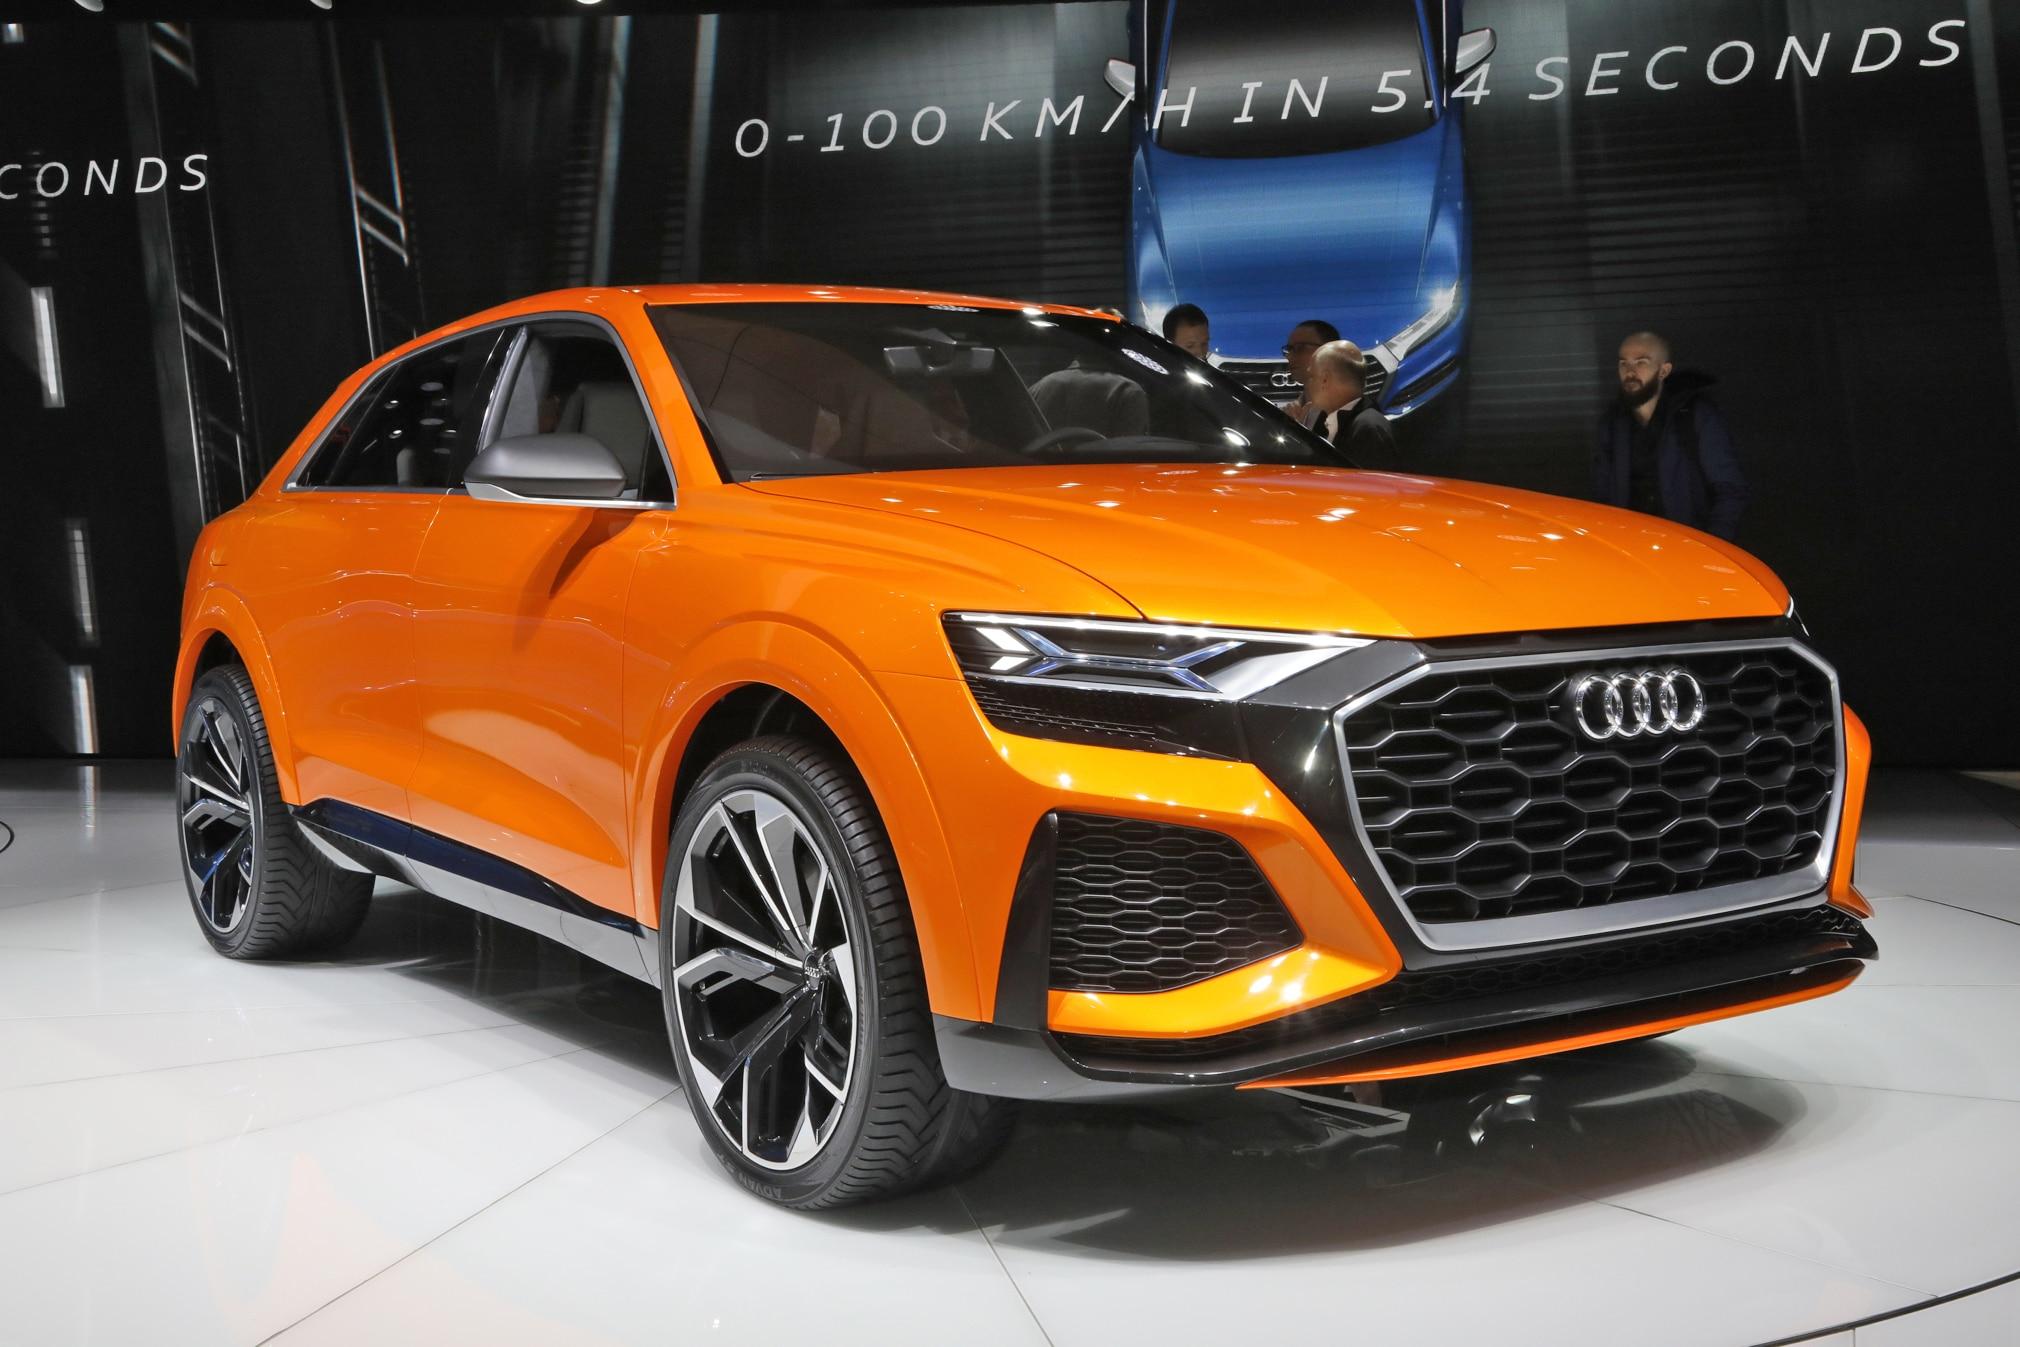 Audi q7 tdi 060 mph